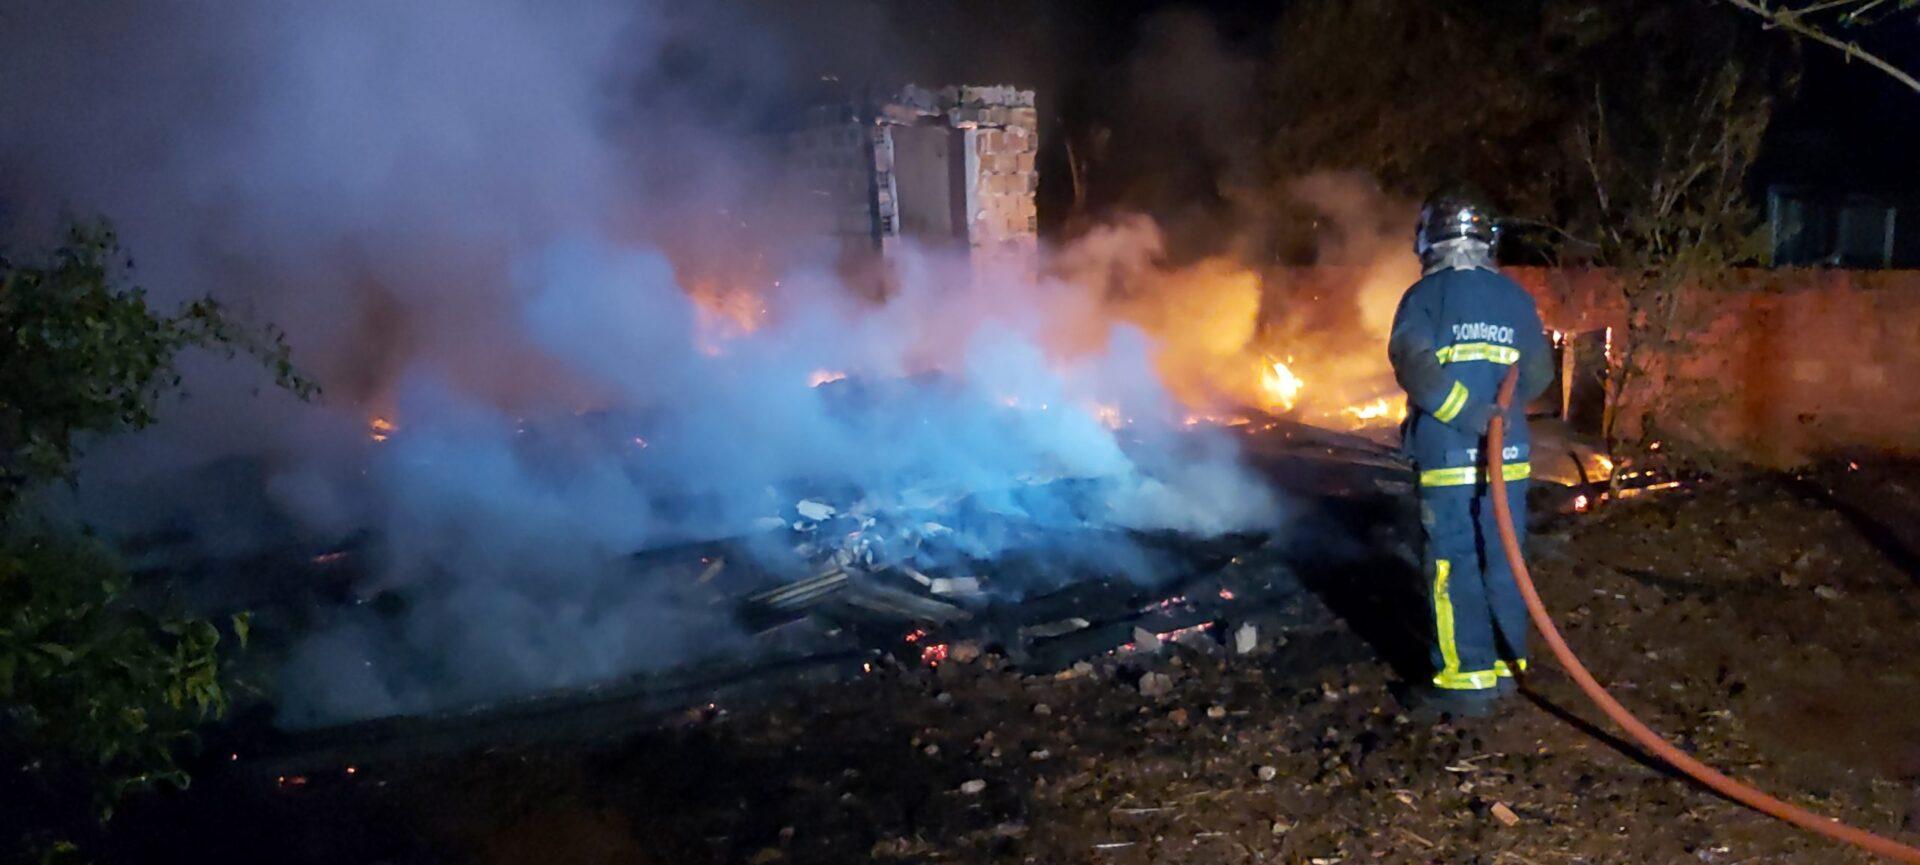 Agora: Incêndio em residência mobiliza bombeiros em PG